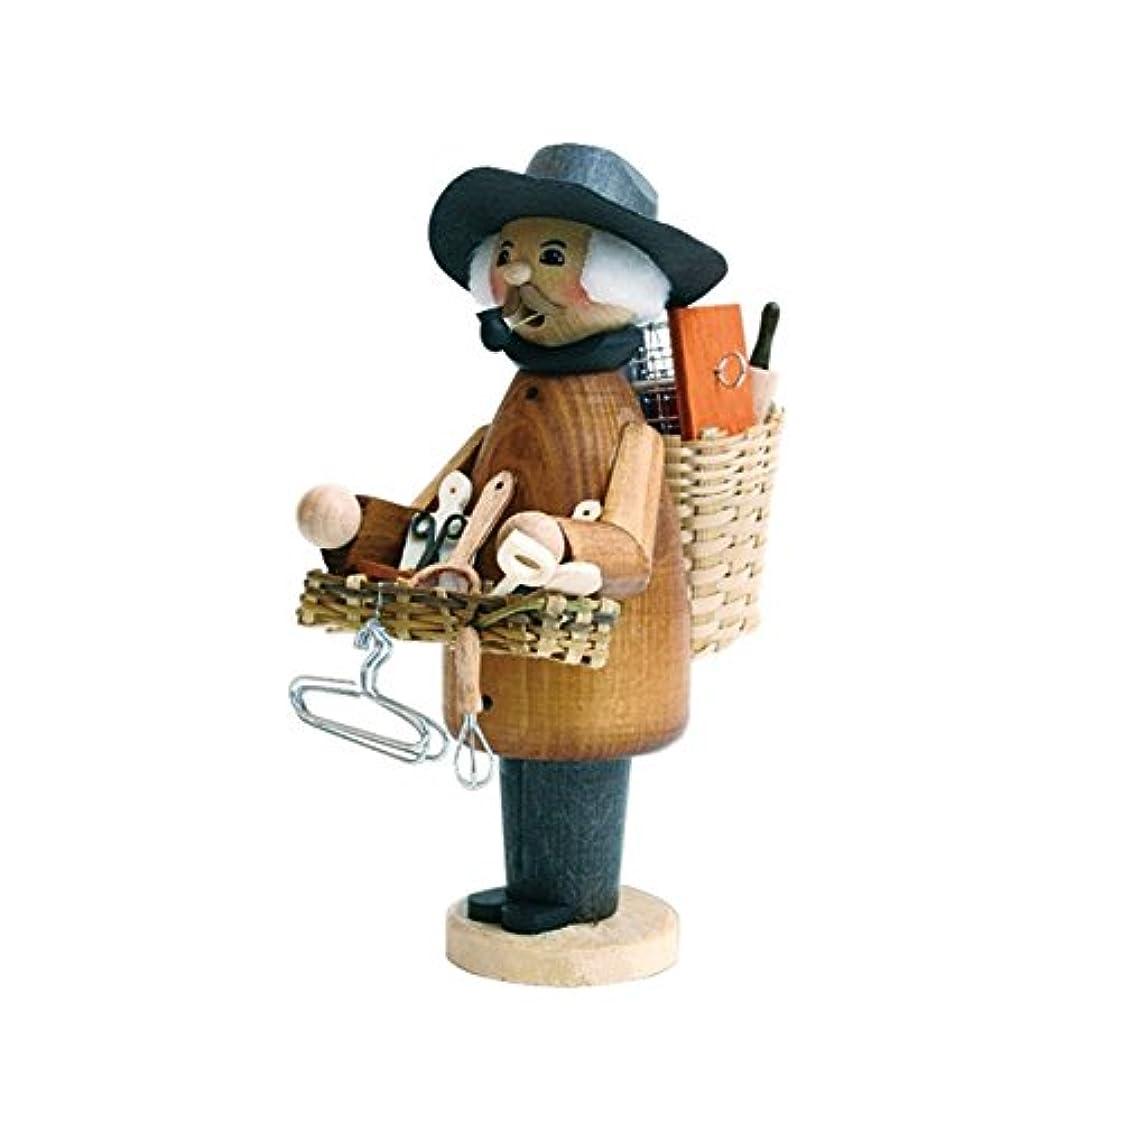 きらきらジャムセラフクーネルト ミニパイプ人形香炉 道具売り